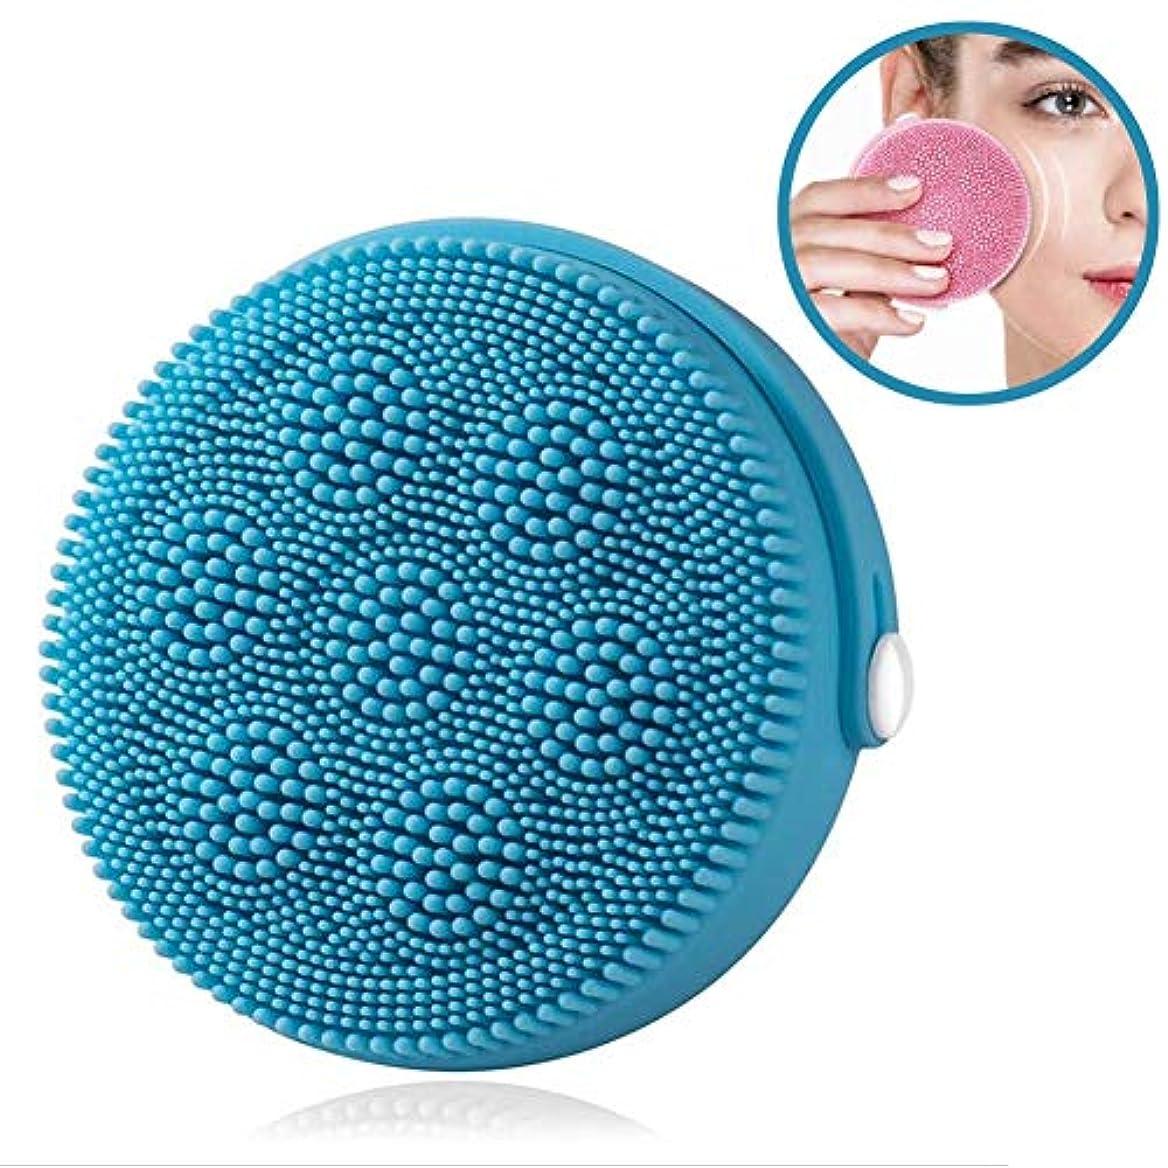 わずらわしい誘惑するクラシカル電動洗顔ブラシ - USB 充電 携帯用電動シリコンフェイスクレンジングブラシ 6速メモリモード 全身防水 洗浄機毛穴クリーナーホーム顔美容機器ホーム